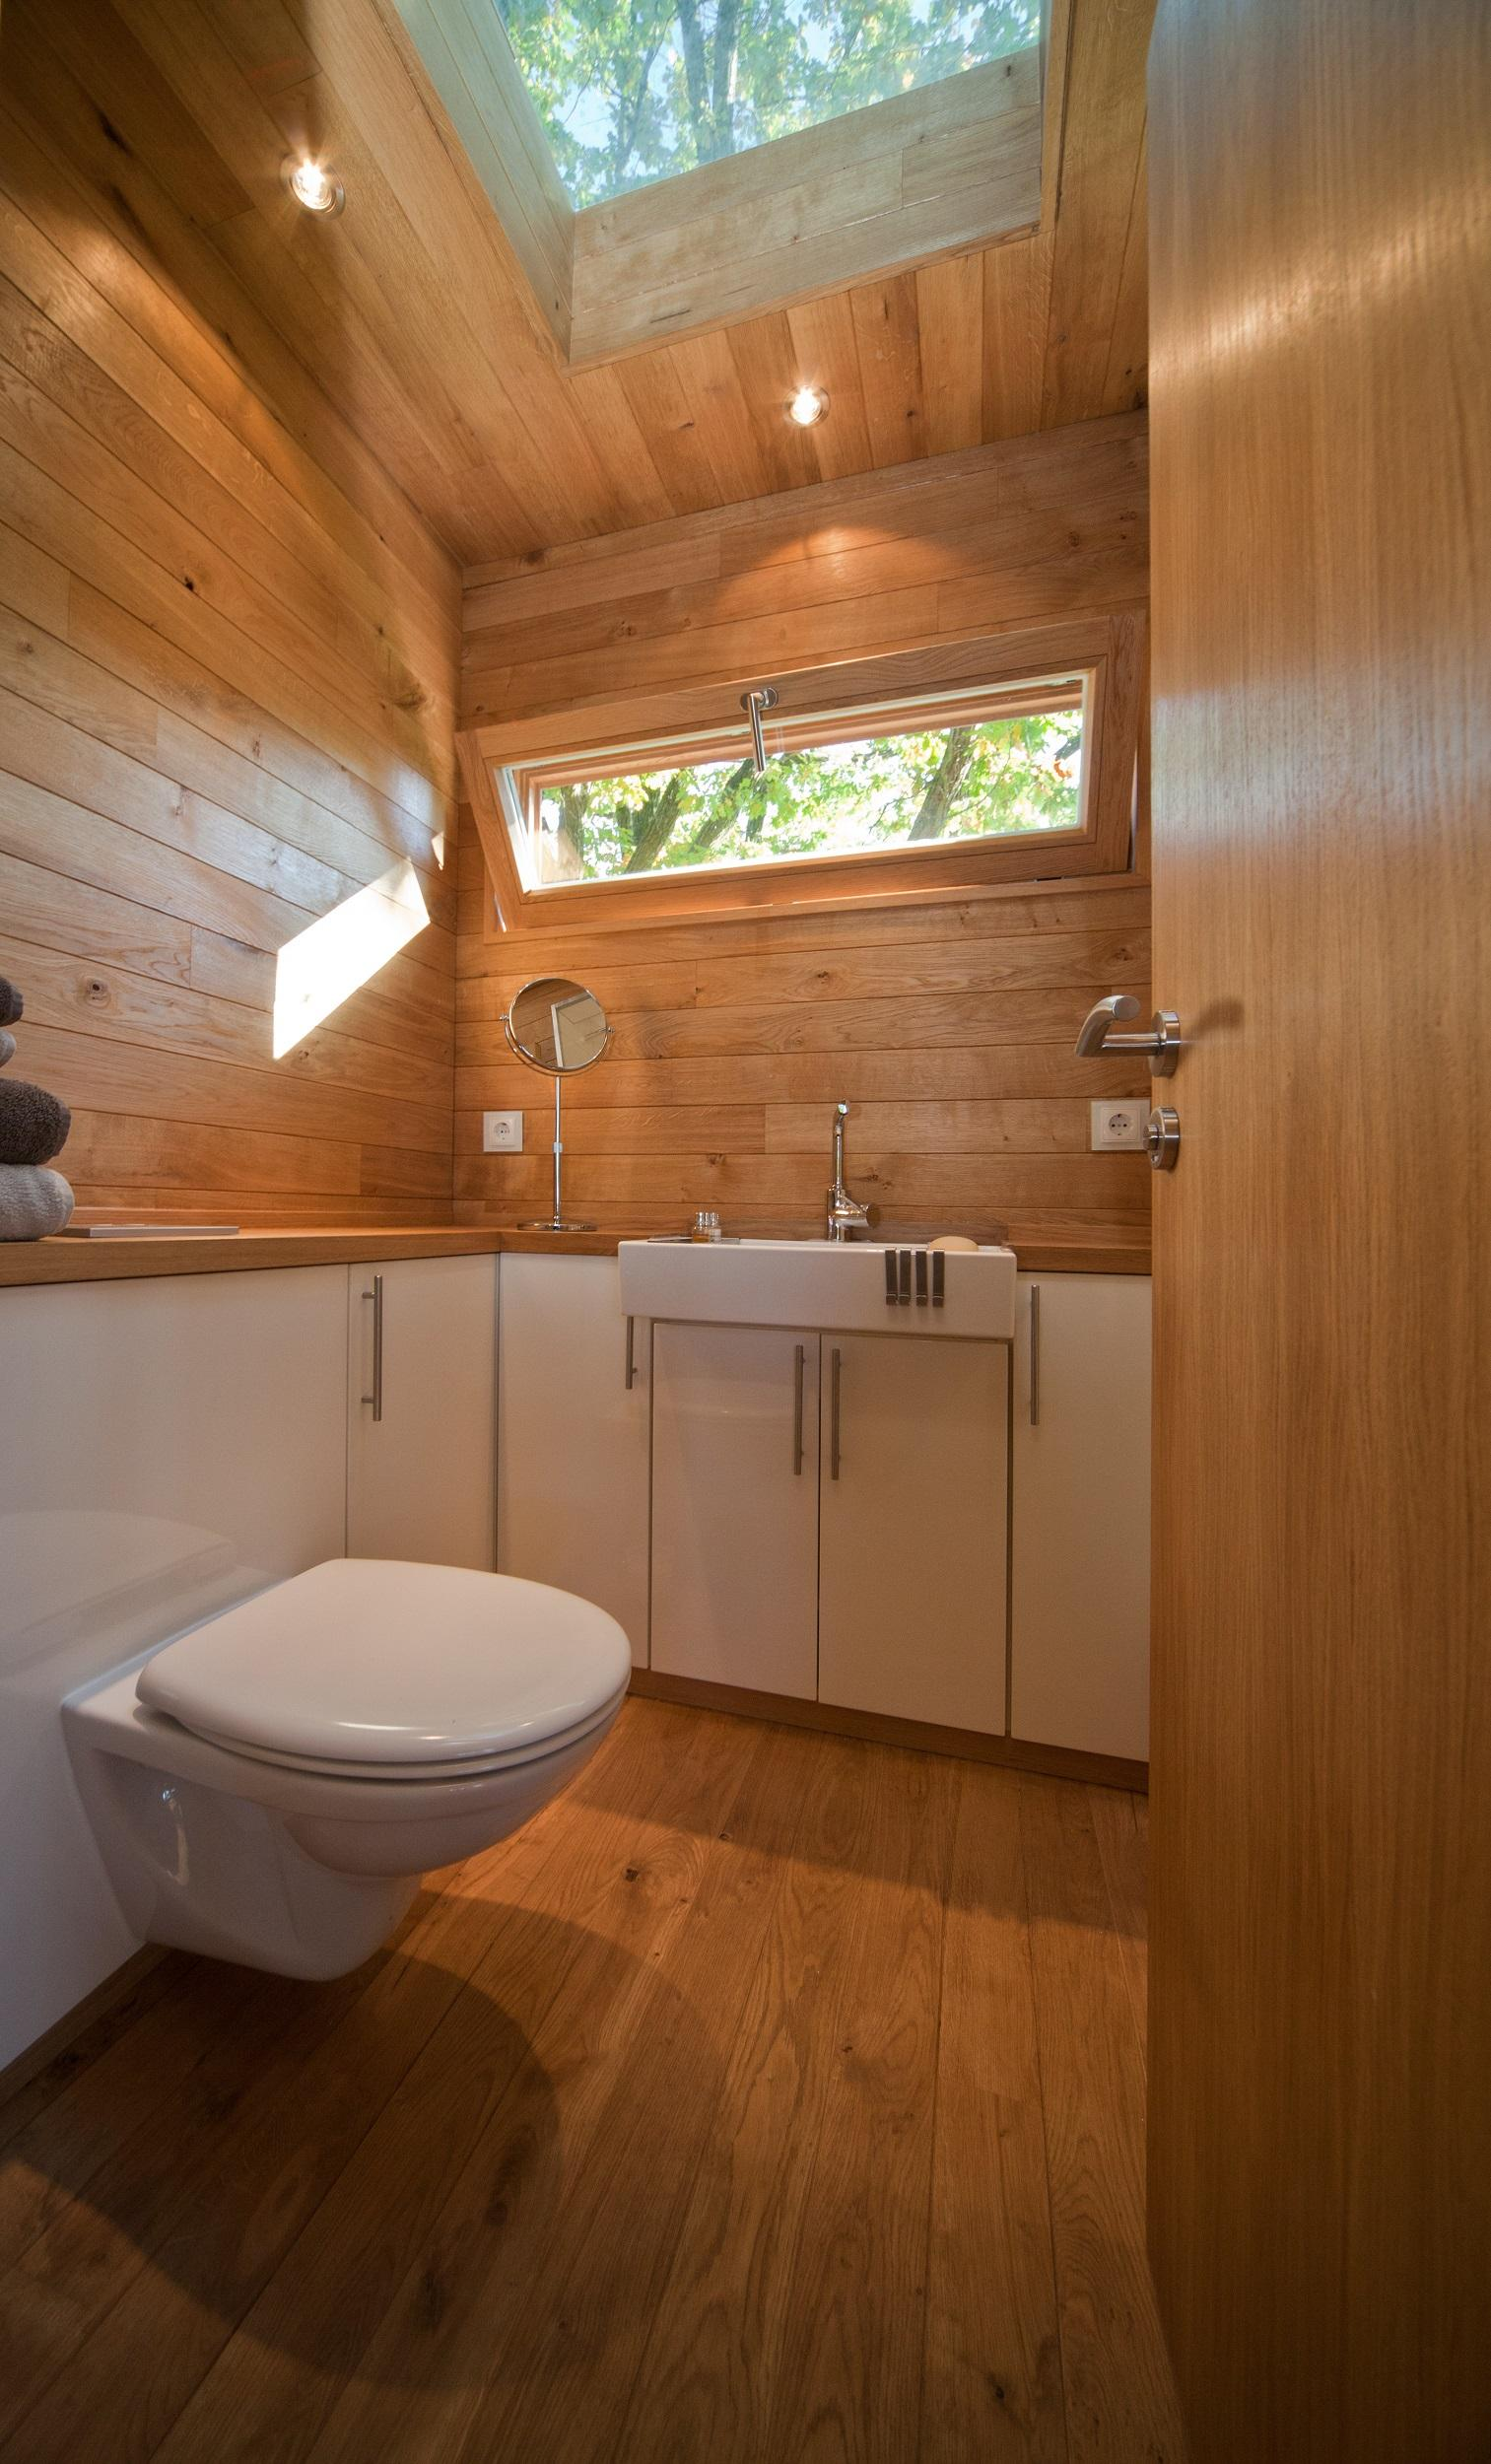 Oberlicht im Baumhaus Badezimmer   nicht beschriften...